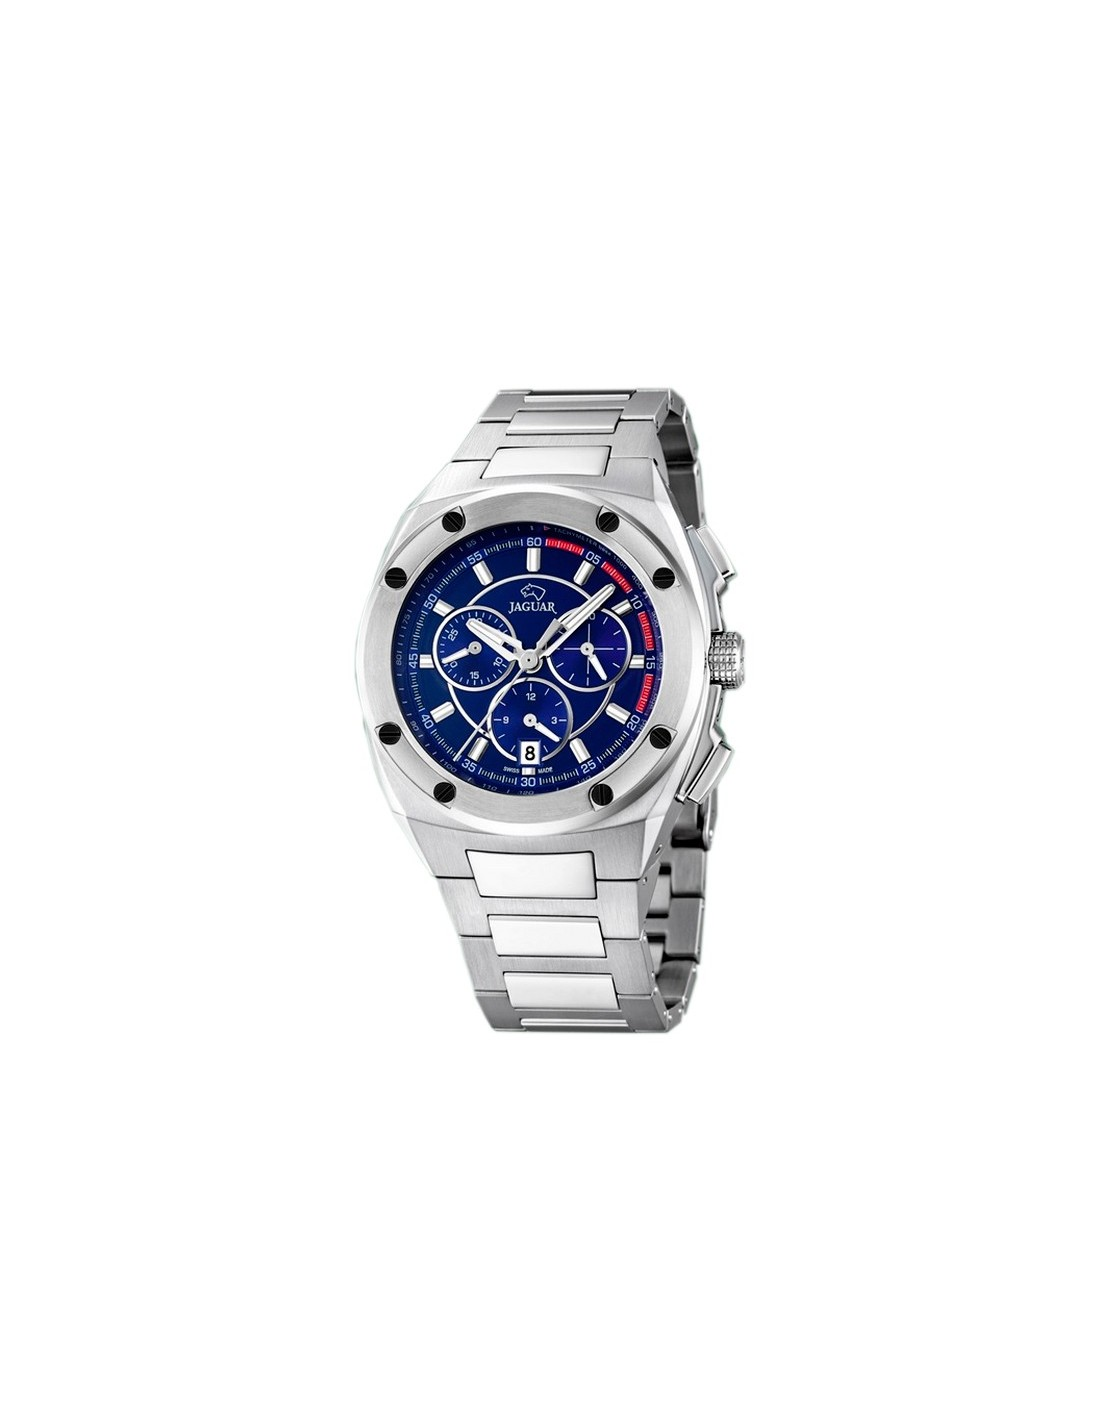 bc5ac902bcce Reloj Jaguar Executive J805 3